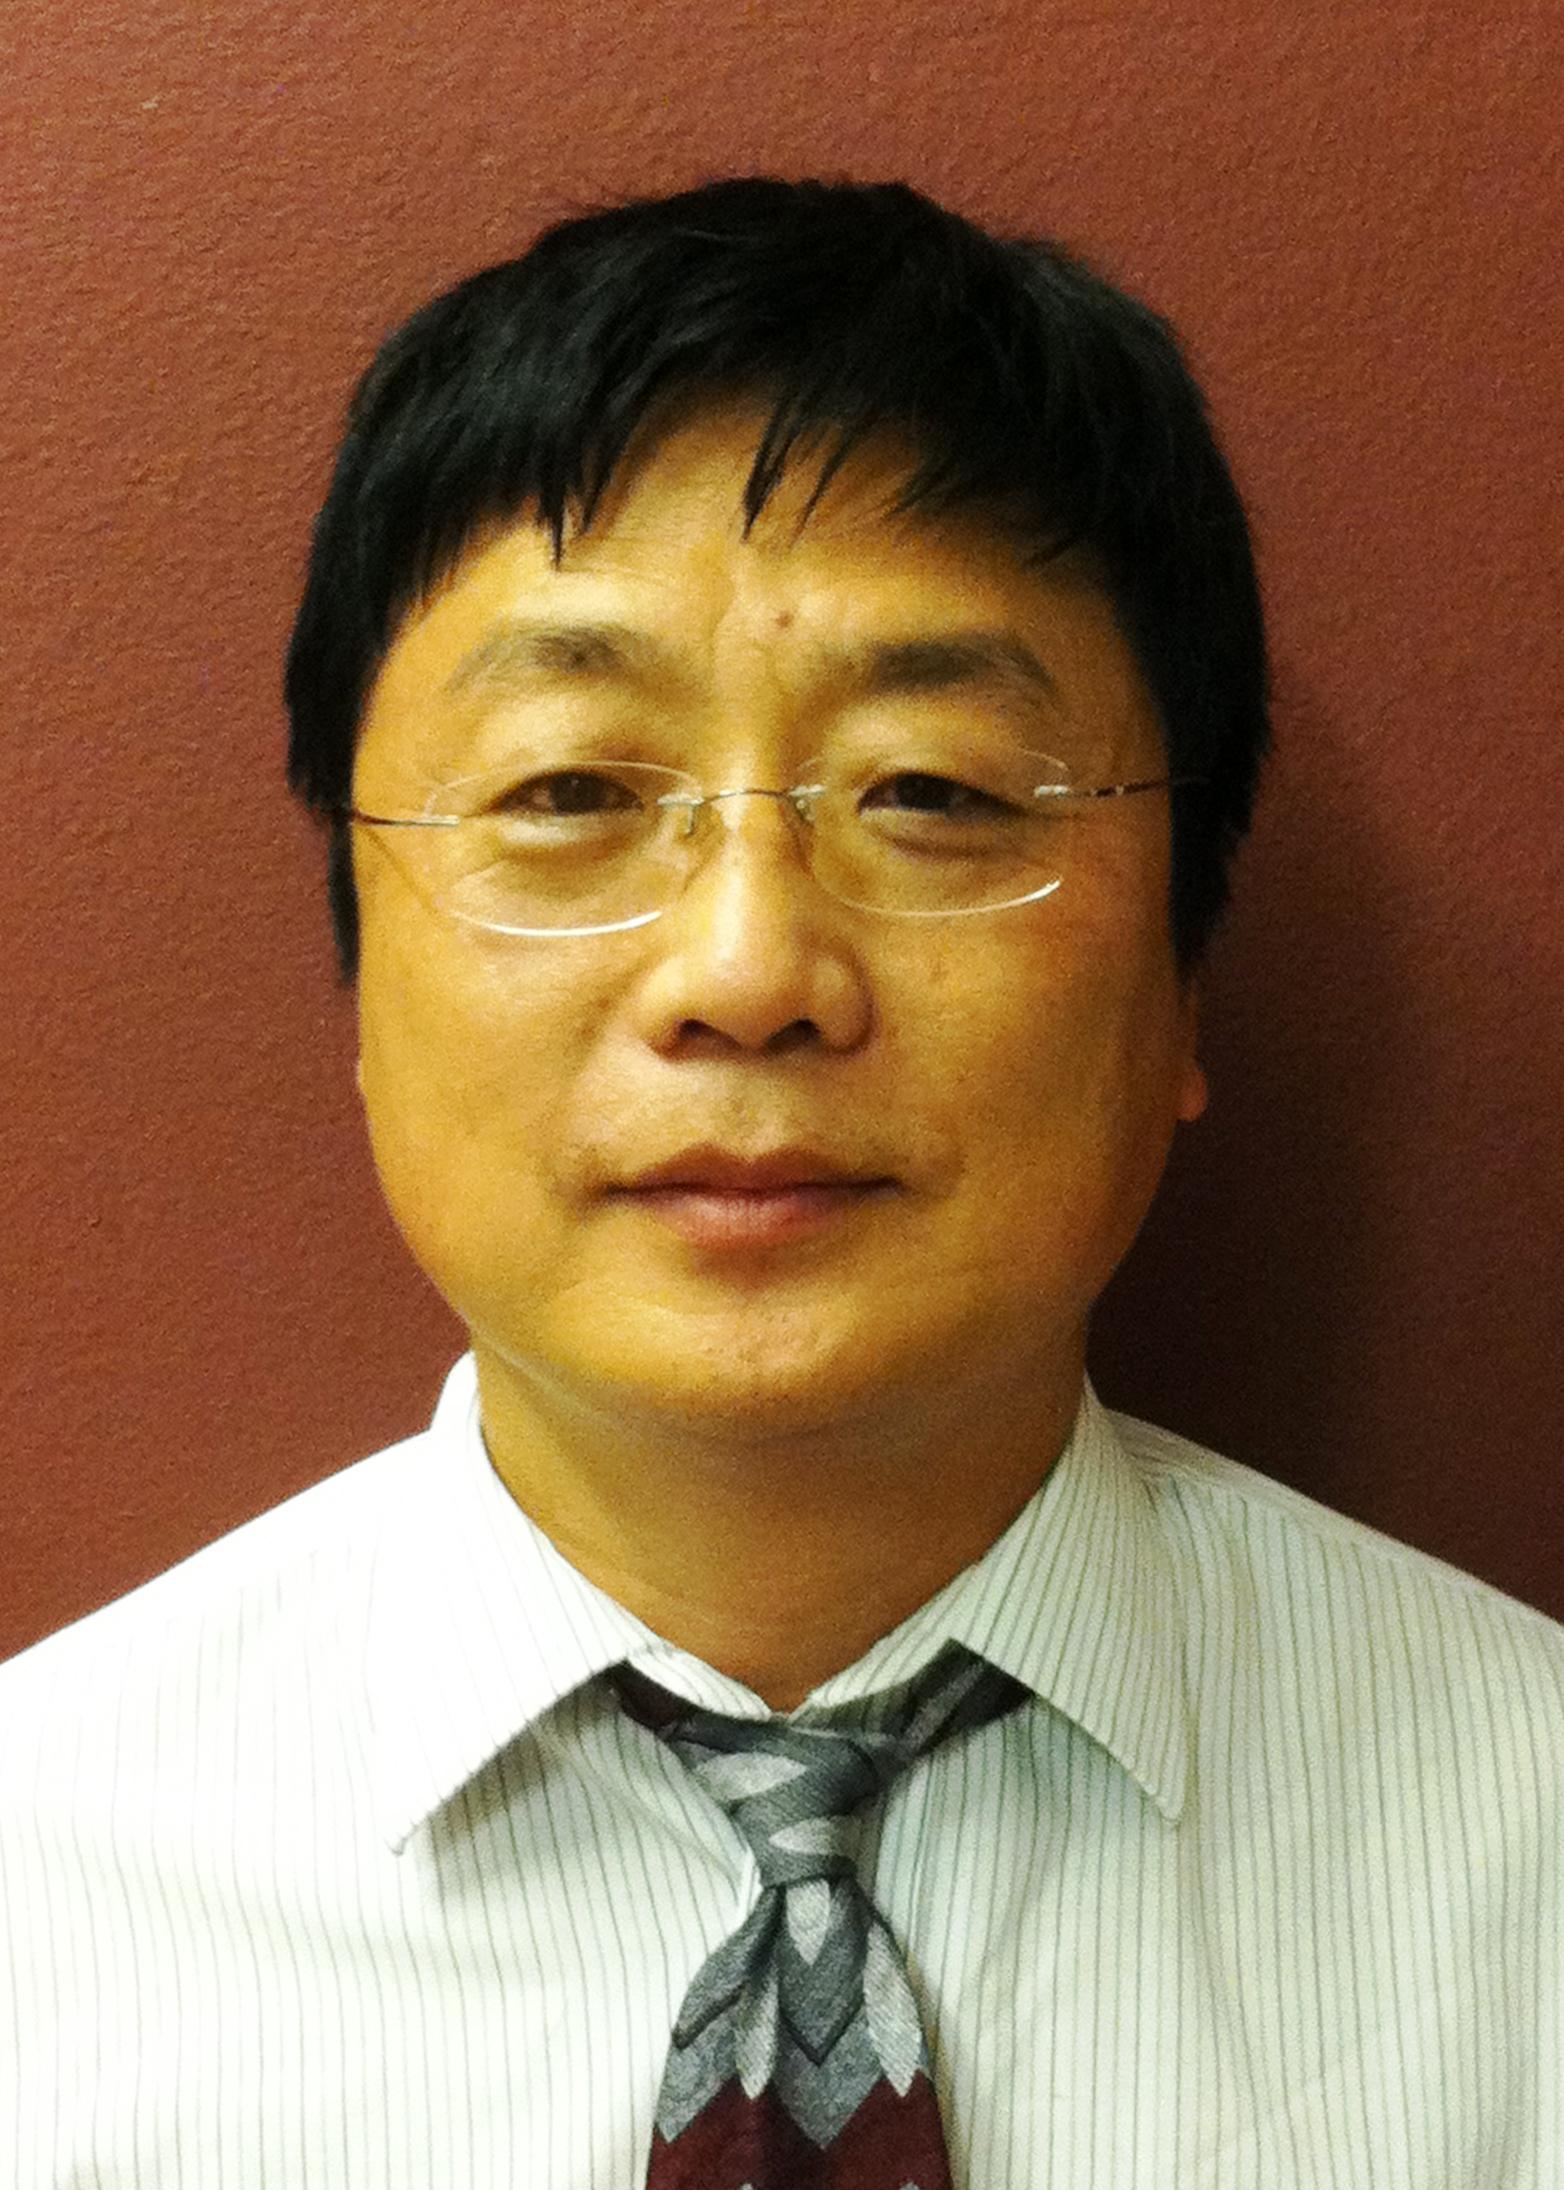 西安交通大学苏州纳米科学与工程技术学院教授连崑照片